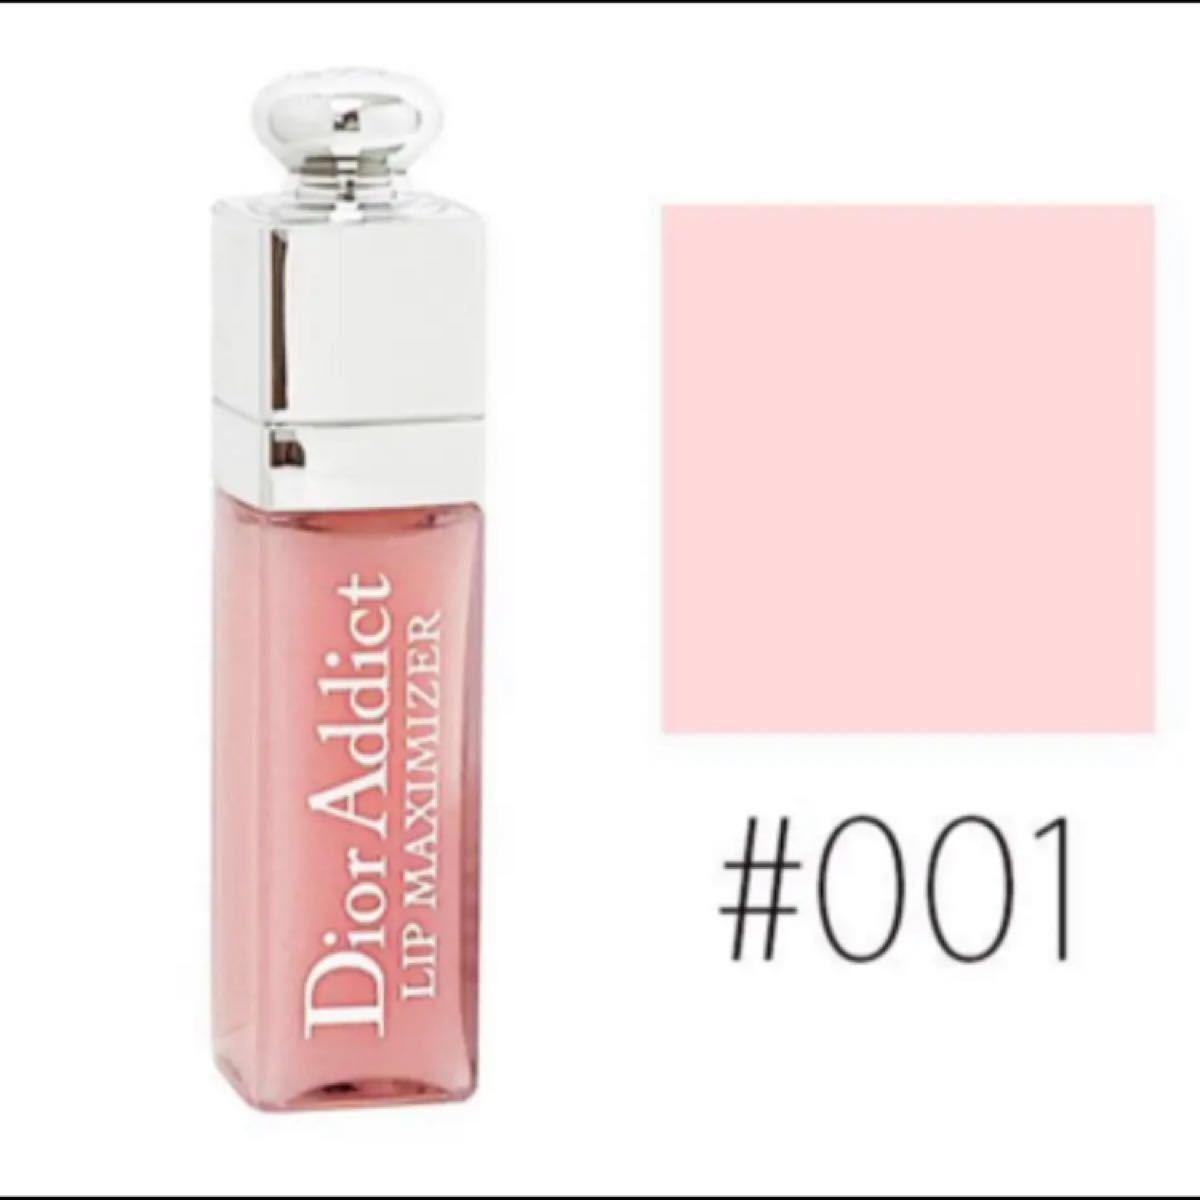 Dior ディオール アディクト リップ マキシマイザー 001 ミニグロス 口紅 箱付き 新品 未開封 サンプル